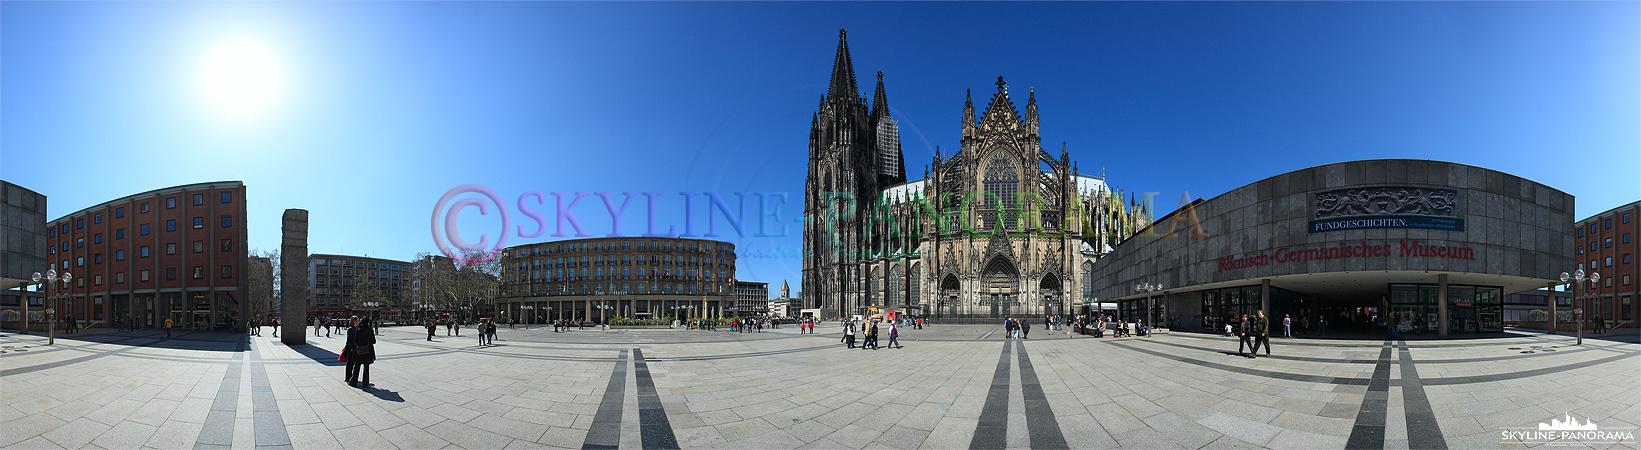 Köln Domplatte - Panoramaansicht mit dem Kölner Dom und dem Römisch-Germanischen-Museum von der südlichen Seite gesehen.